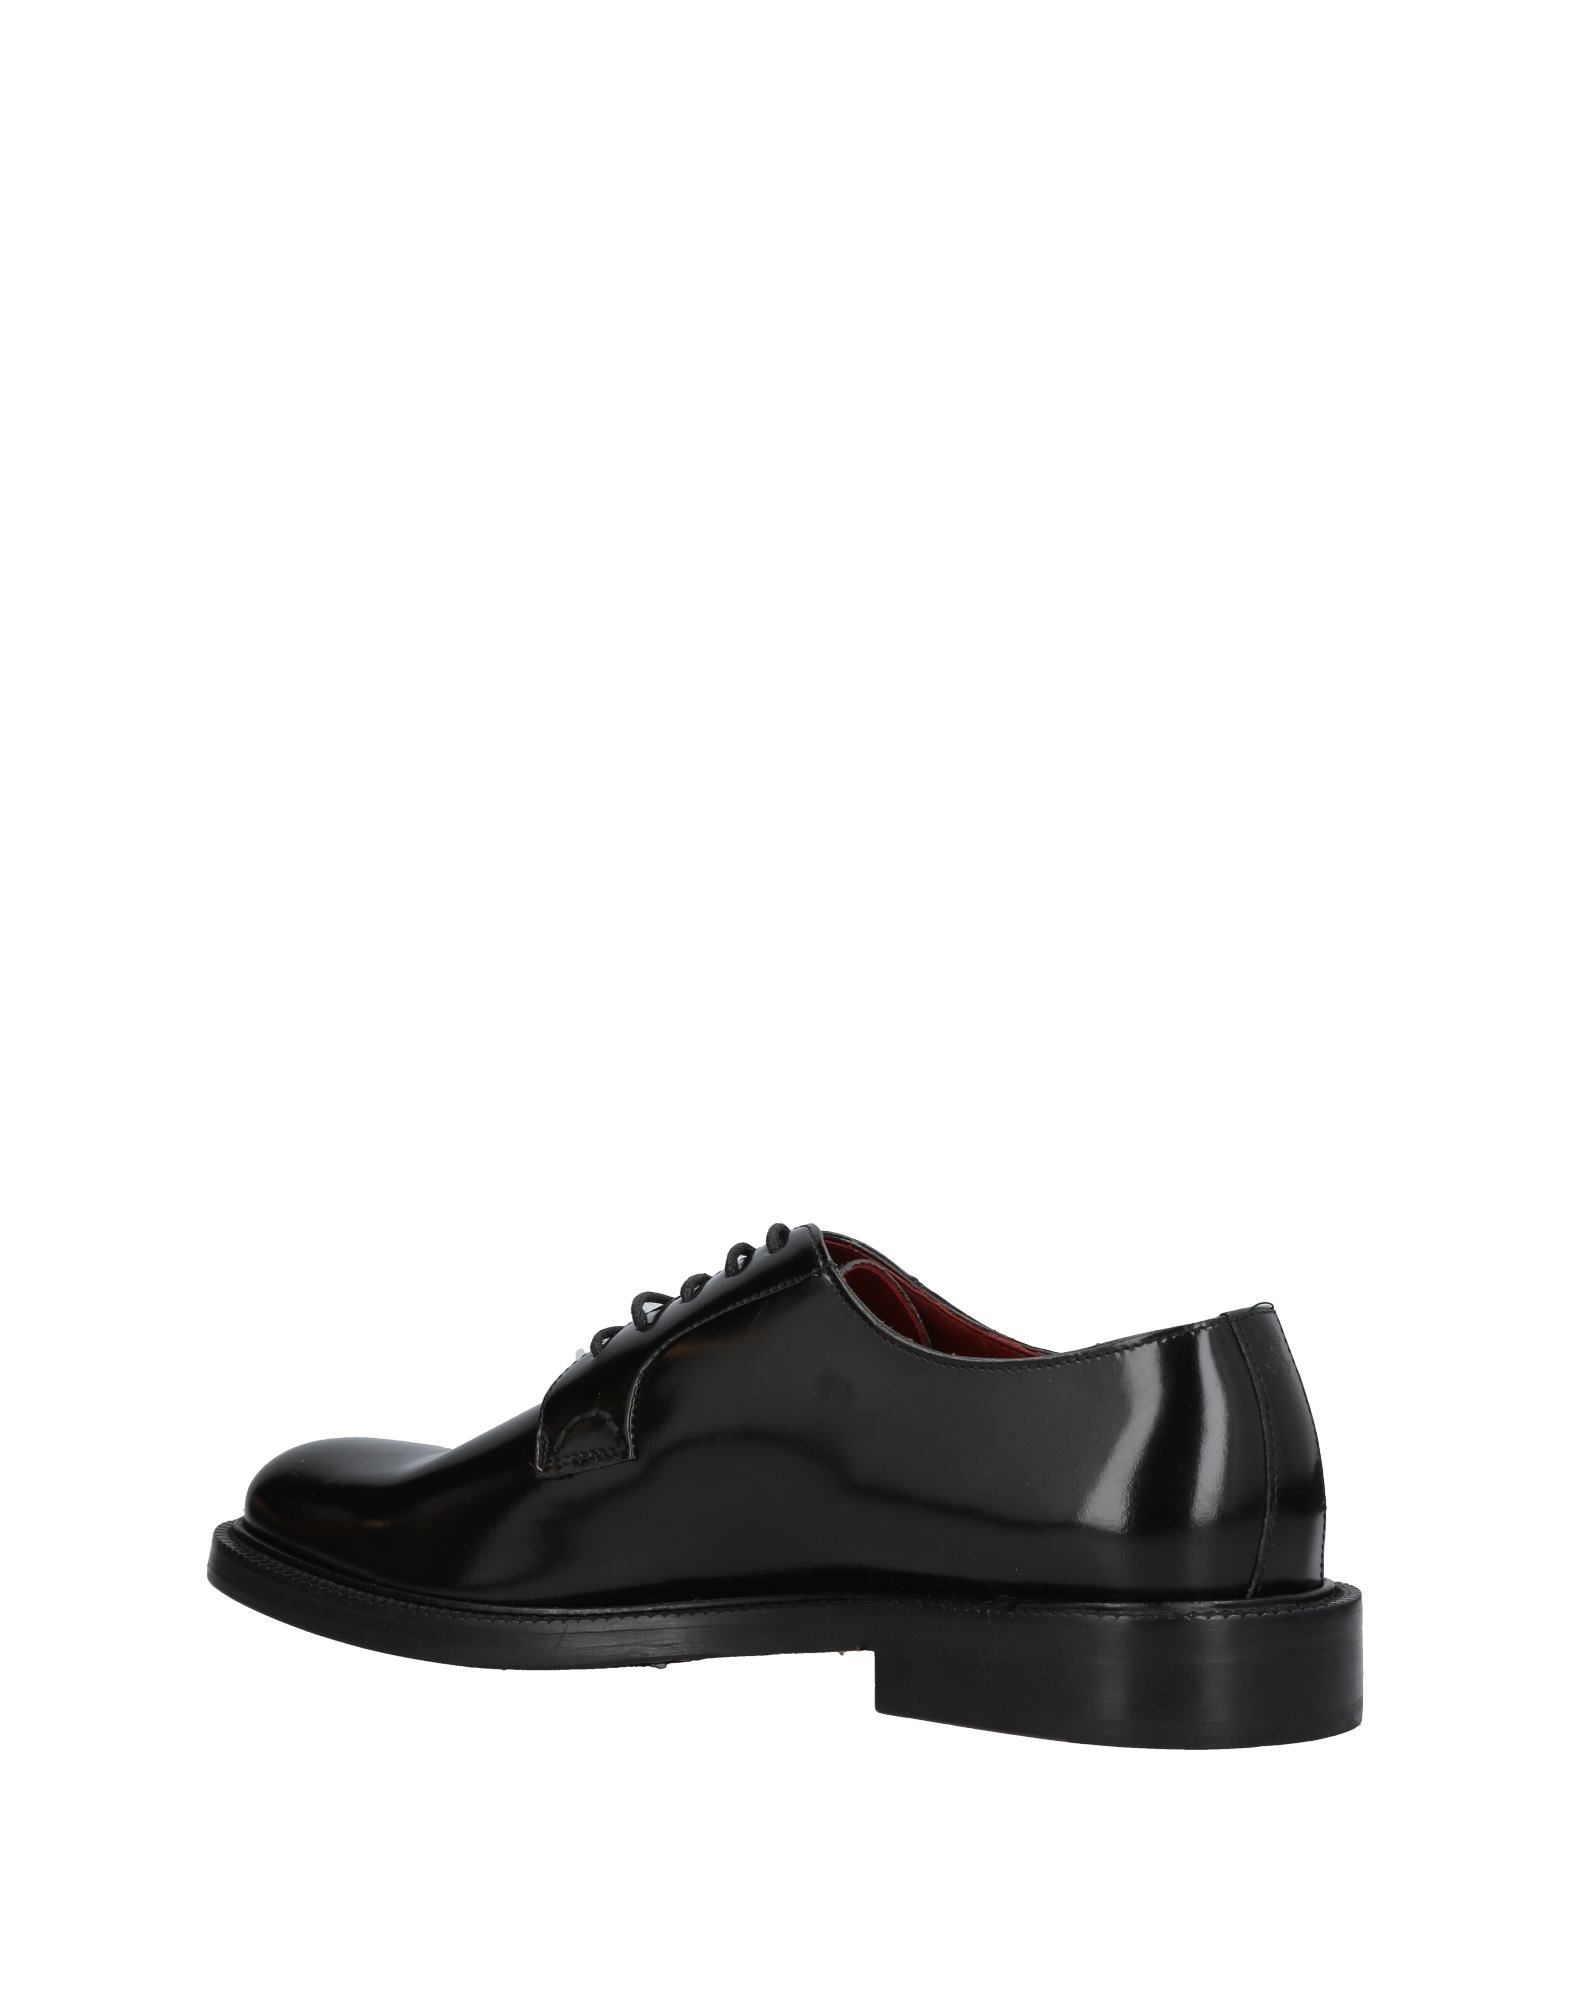 Alexander Trend Schnürschuhe Herren beliebte  11455427VJ Gute Qualität beliebte Herren Schuhe ac91ab